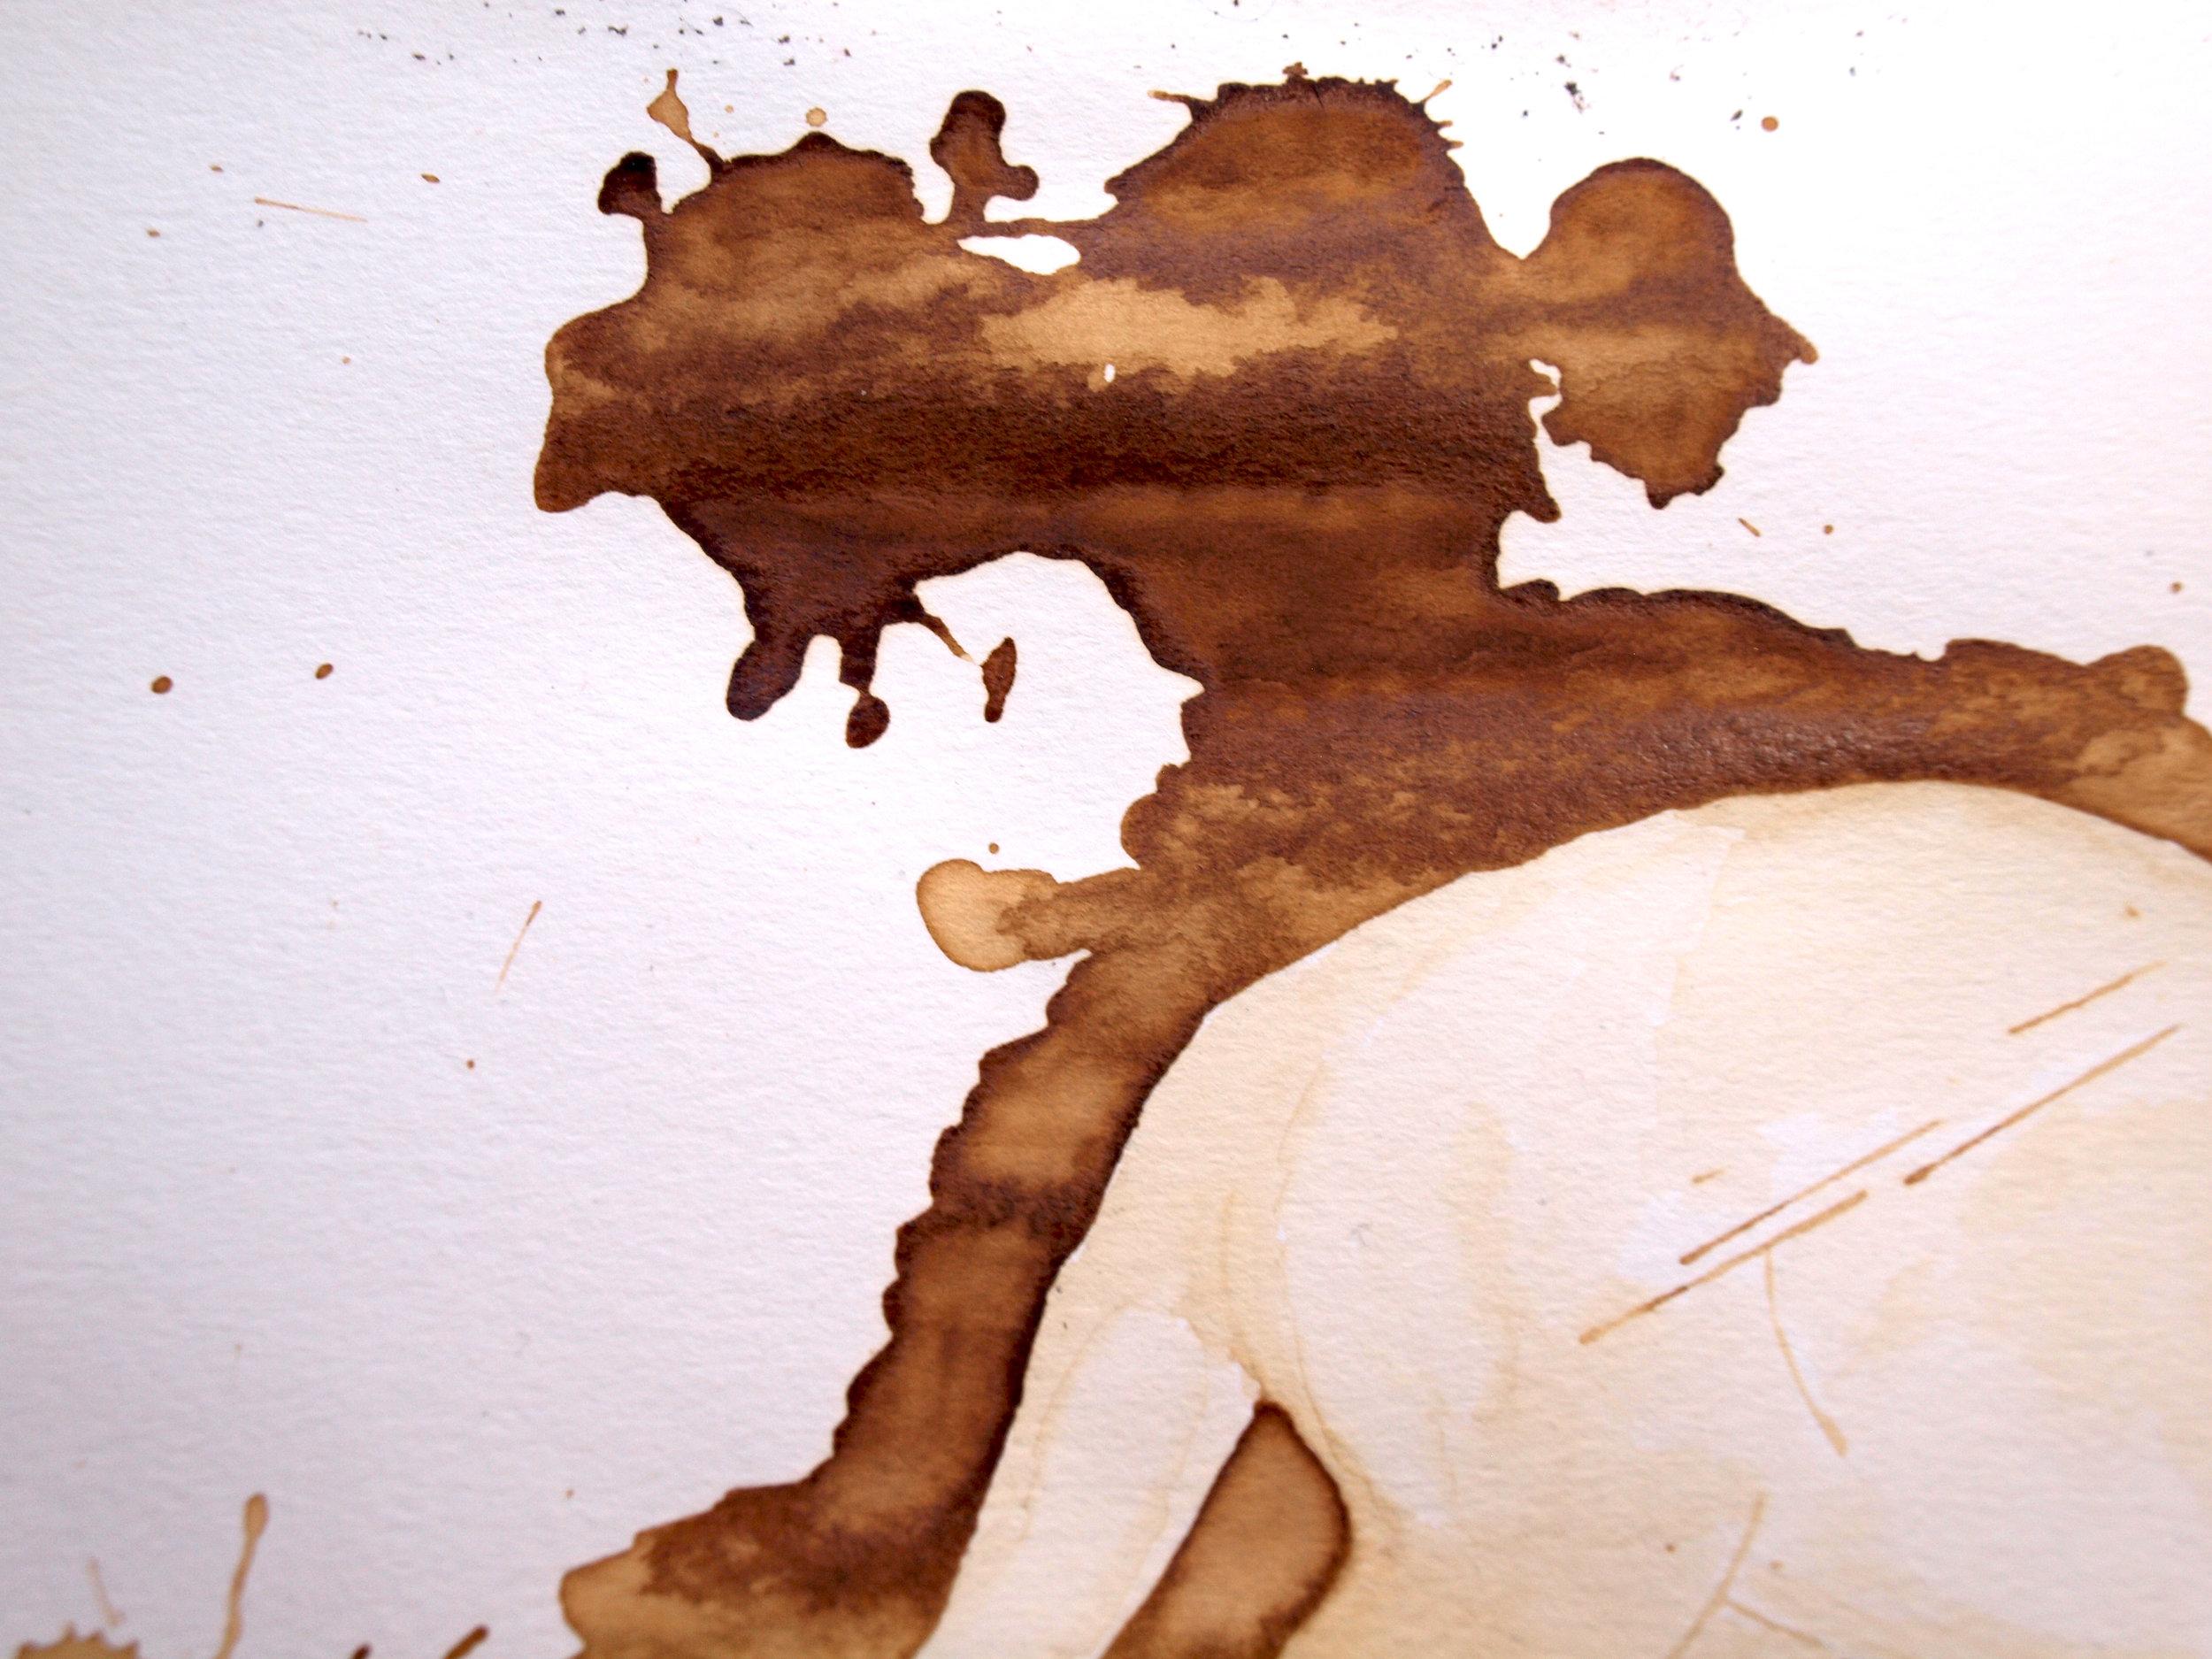 aardvark1.jpg